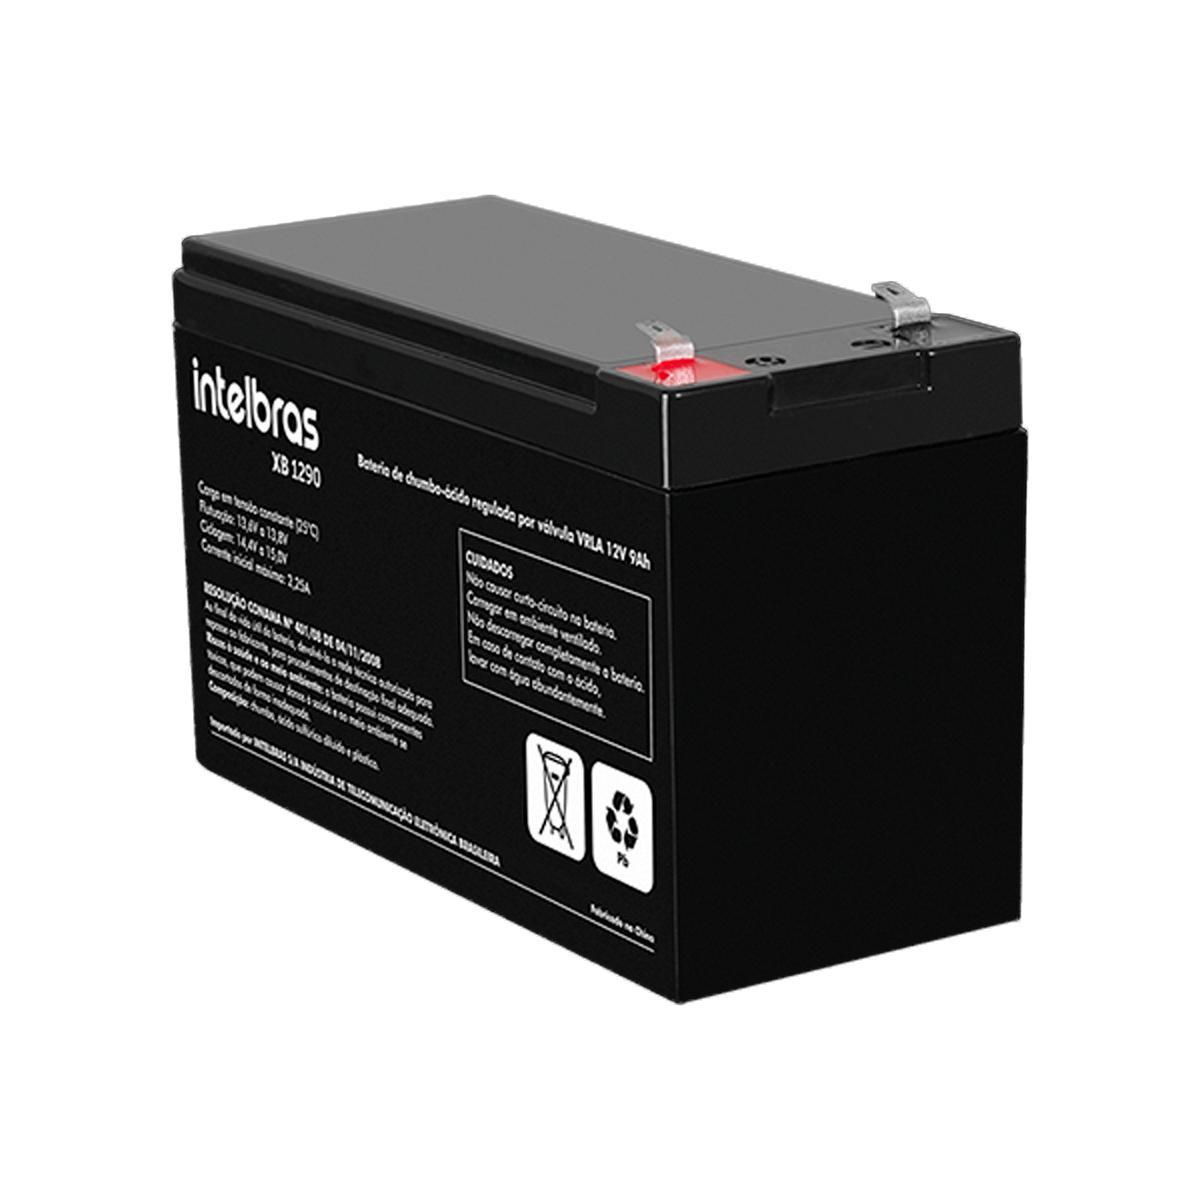 Bateria de Chumbo-Ácido Intelbras 12V XB 1290